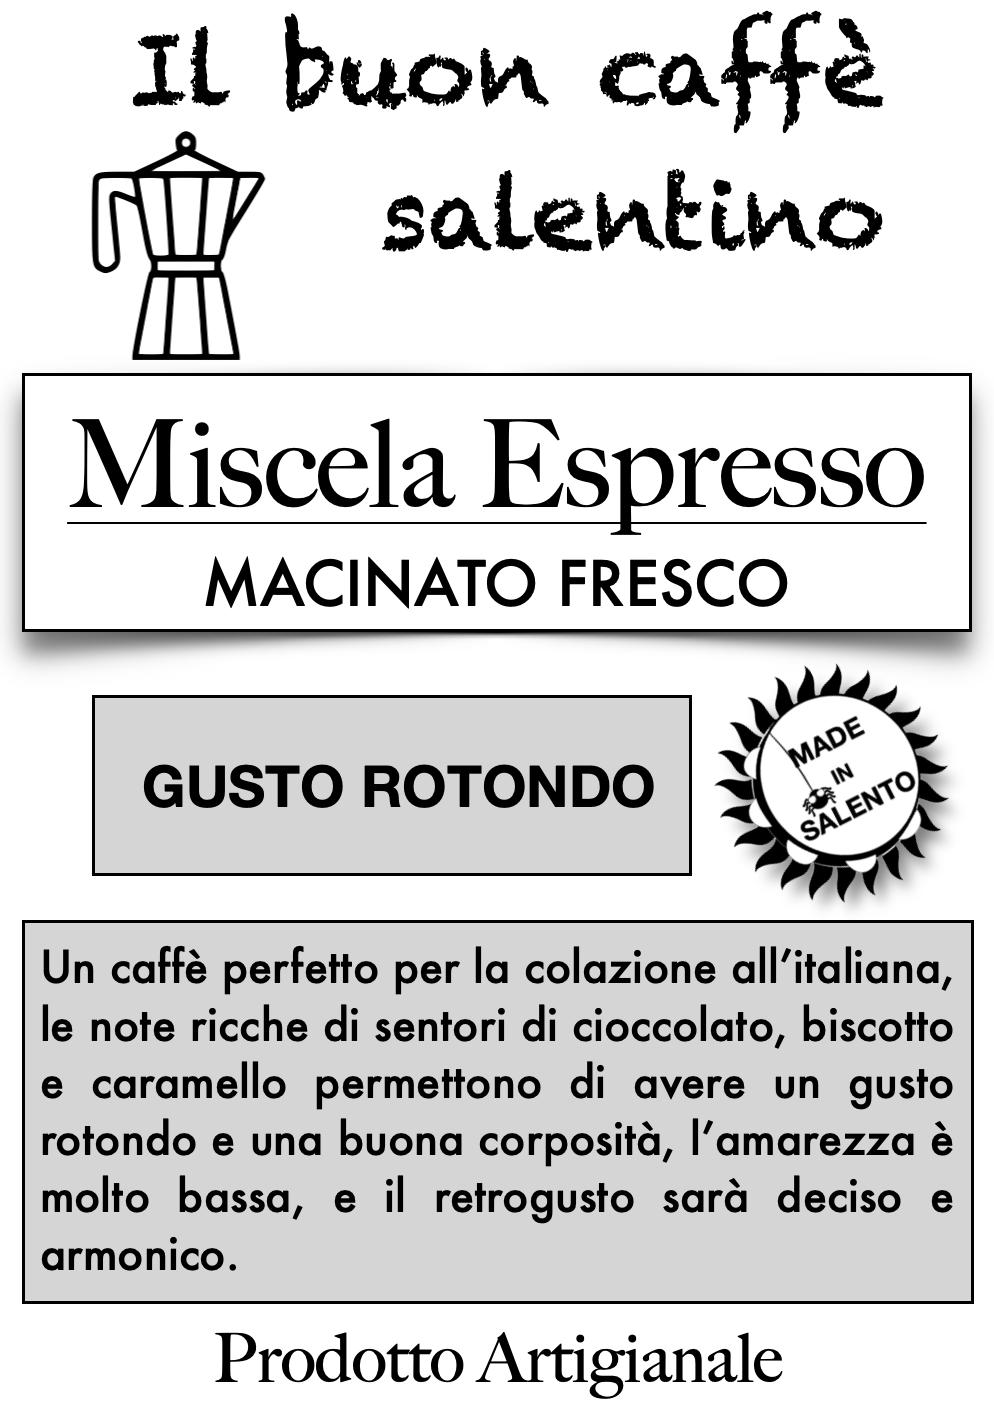 Miscela Espresso - Caffè macinato fresco